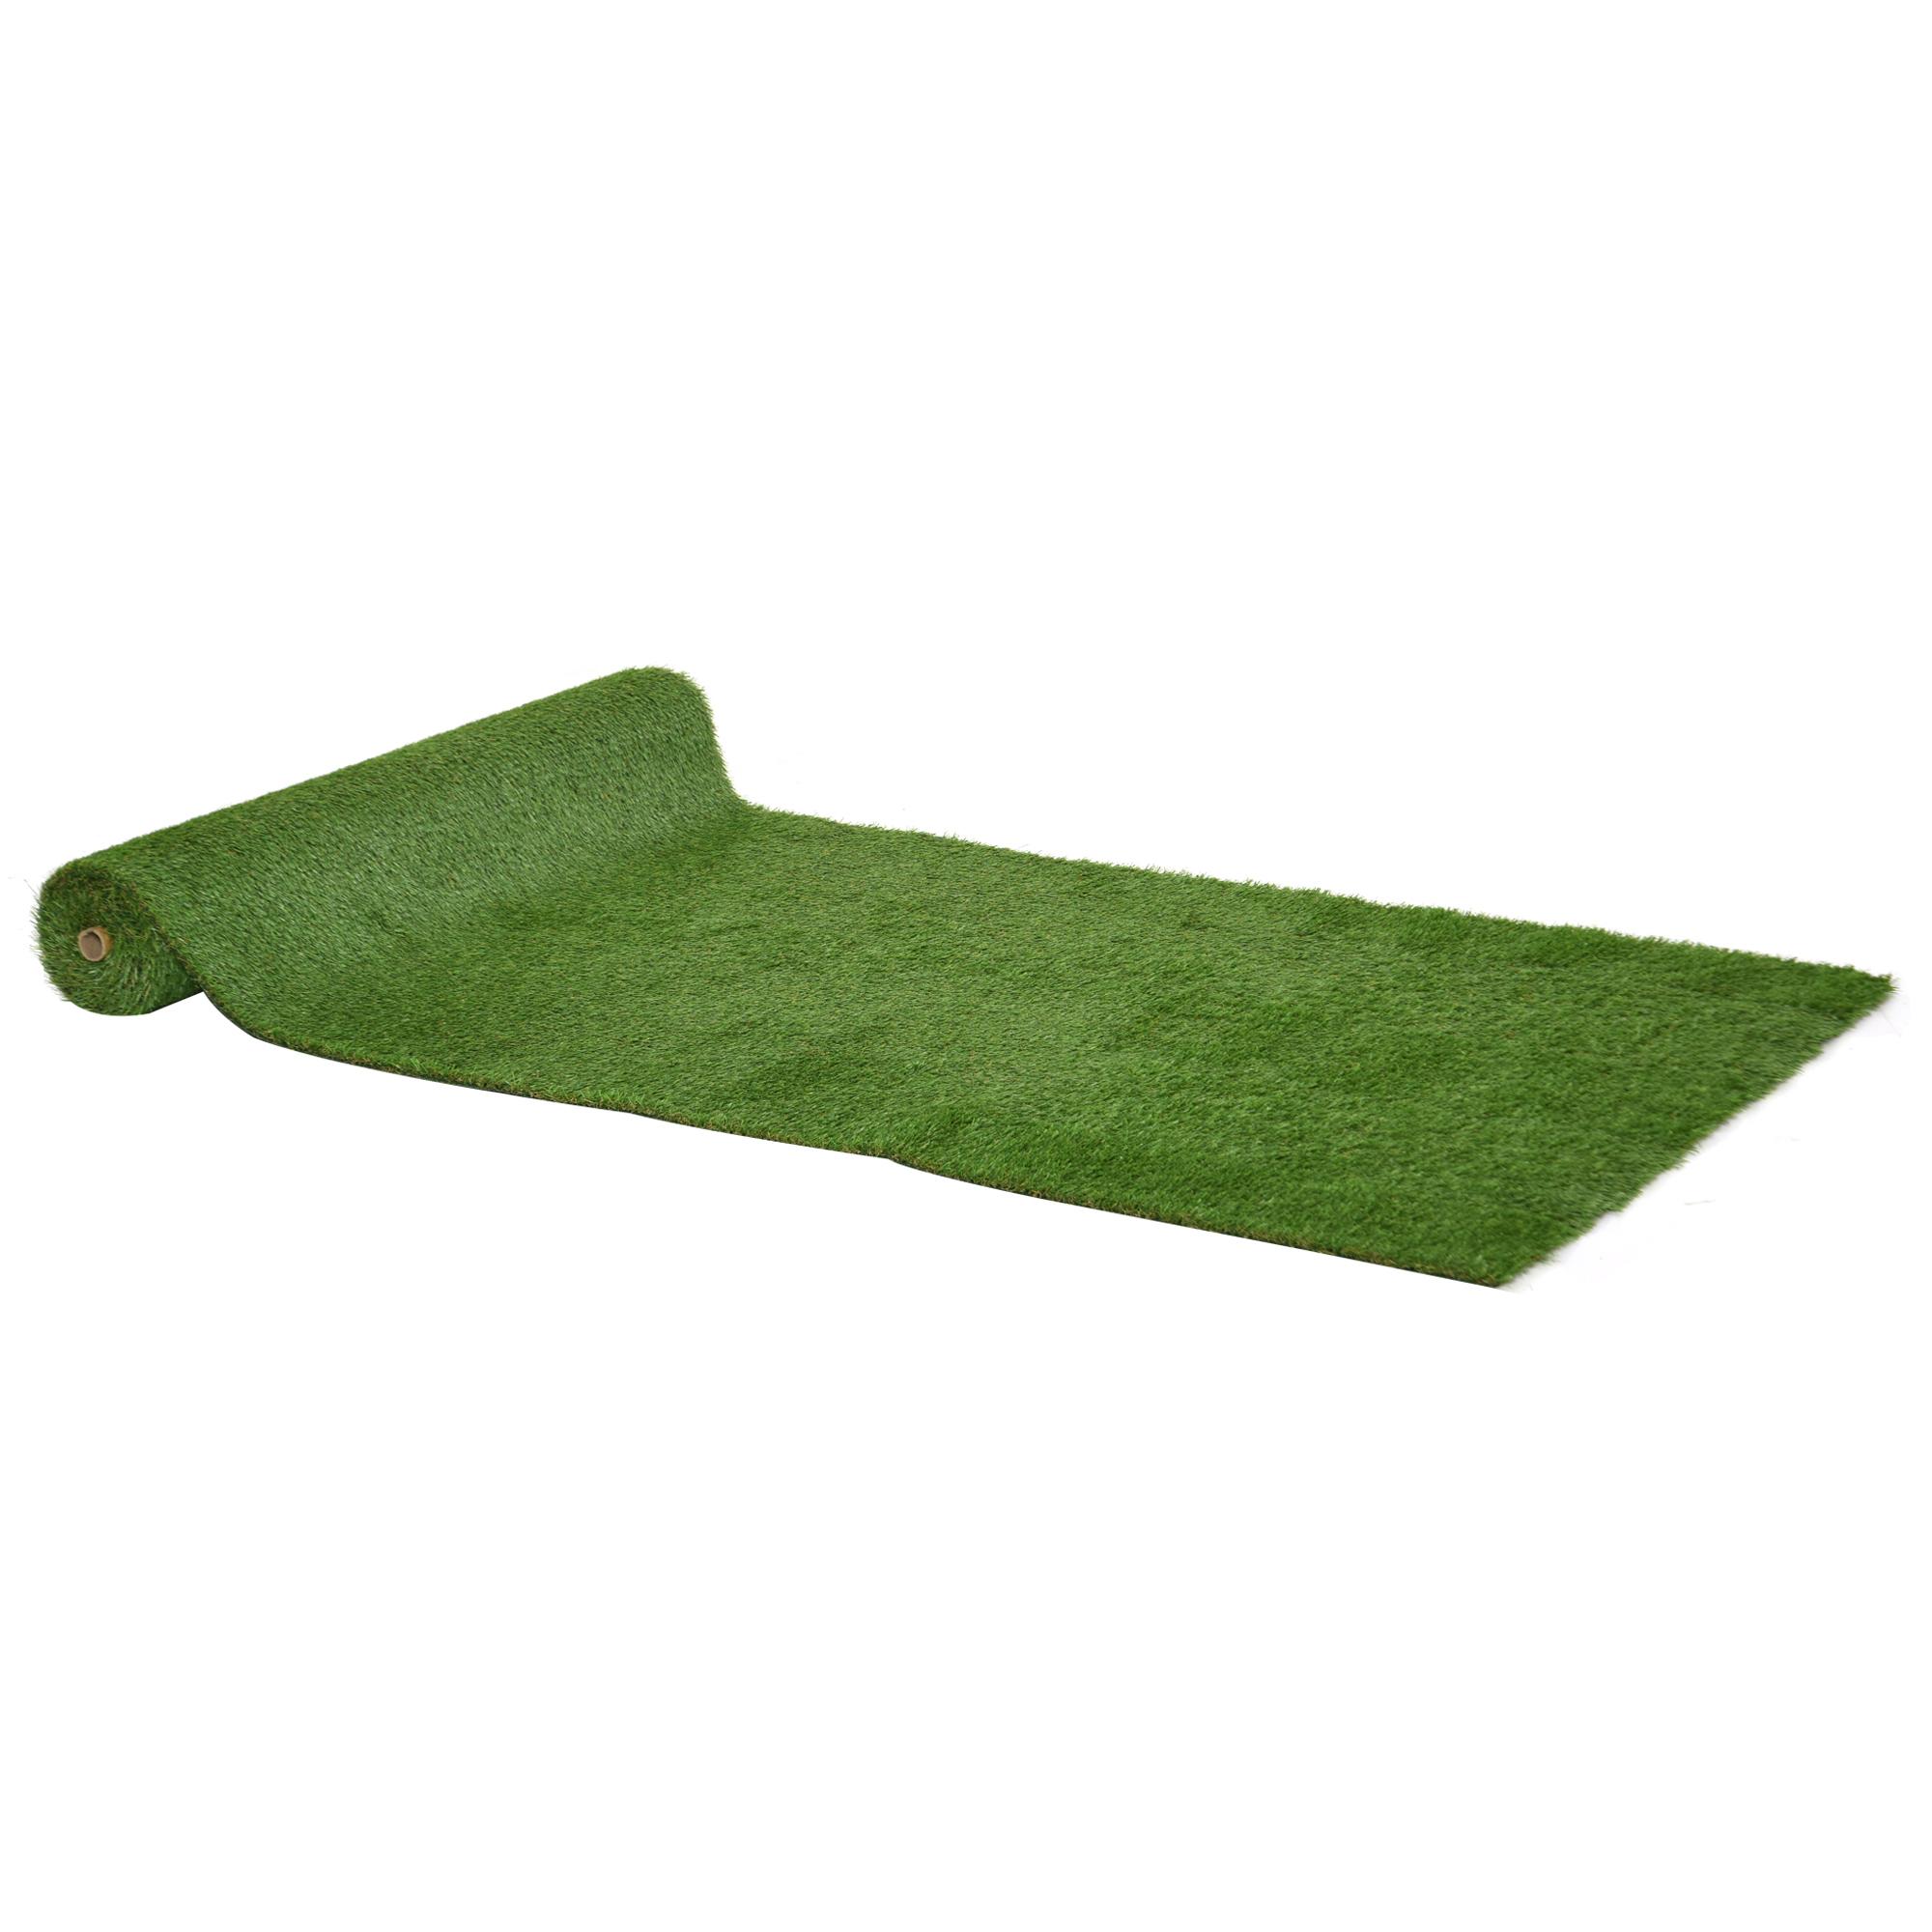 Outsunny Tappeto Erboso Sintetico 4x1m Erba 20mm, Finto Prato Verde Atossico Anti UV e Drenante per Giard